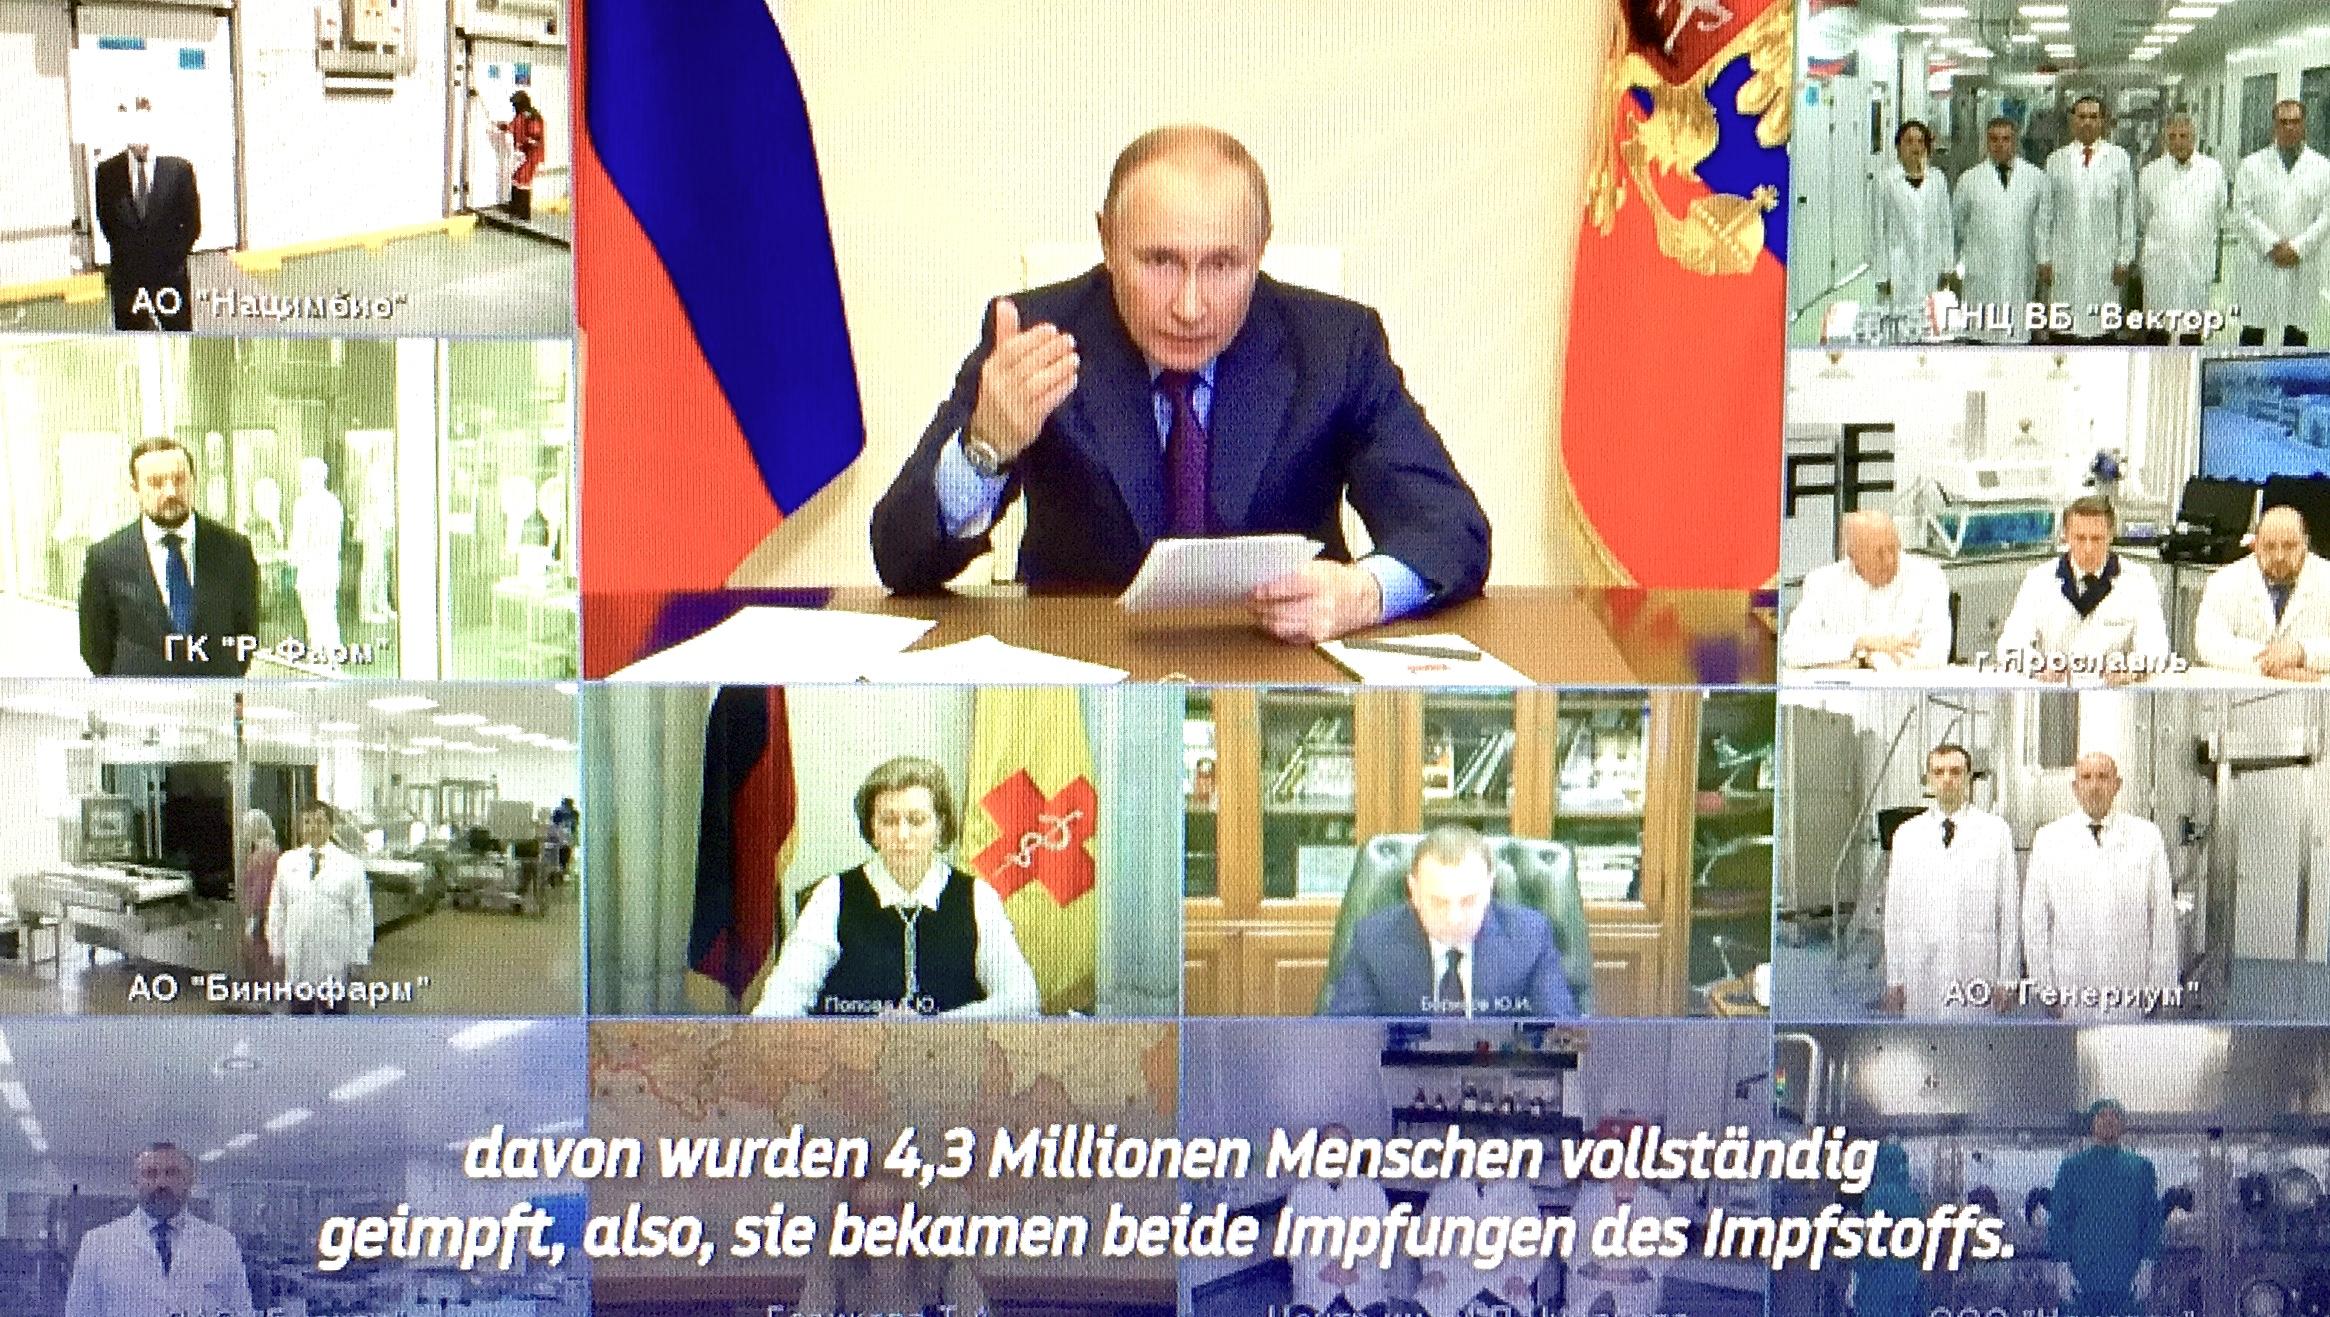 """""""Überraschenderweise behauptete einer der verantwortlichen Vertreter der Europäischen Kommission im Vorfeld unseres Treffens, wie wir in diesem Moment mitgeteilt wurde: ,Wir brauchen Sputnik V nicht!' So eine seltsame Aussage. Wir drängen niemandem etwas auf. Viele Menschen in Europa wissen nicht, dass Russland längst einen offiziellen Antrag auf Registrierung von Sputnik V bei der Europäischen Arzneimittelagentur gestellt hat - am 21. Jänner 2021. Erst am 4. März erhielten wir eine Benachrichtigung über den Beginn der Antragsprüfung"""", informierte der russischen Präsident Wladimir Putin via Online-Konferenz.  Von Verena Daum (www.progression.at, www.garden-eden.org)"""